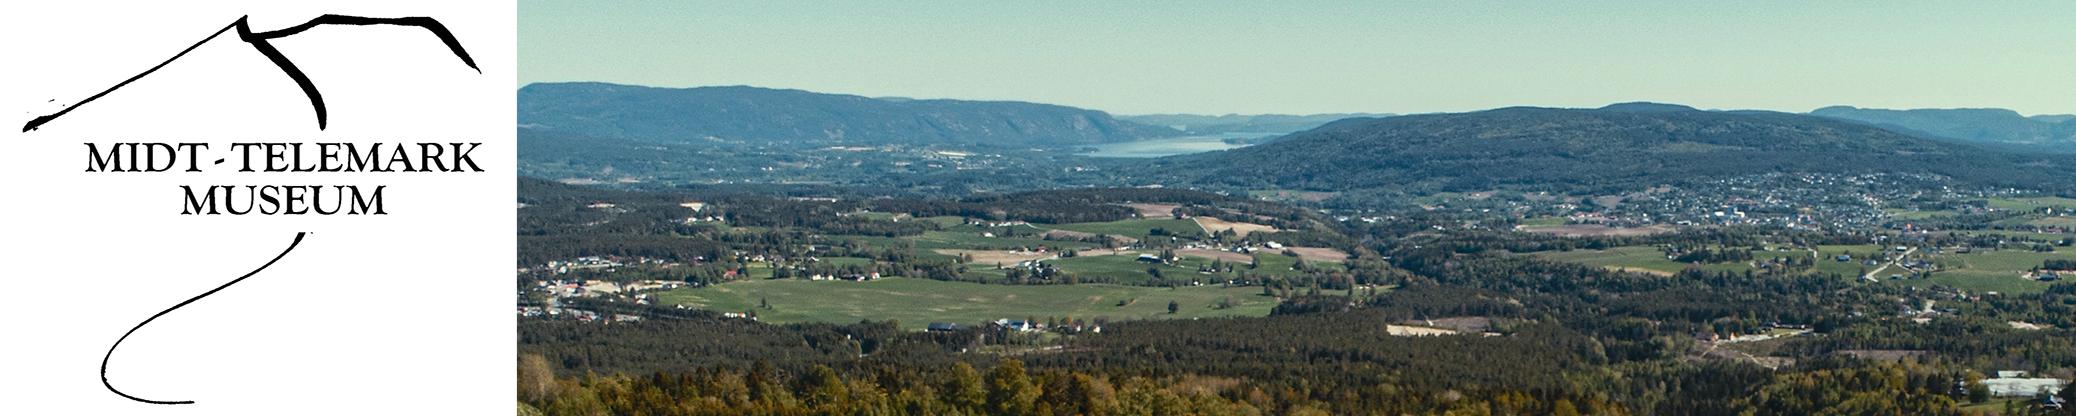 Midt-Telemark Museum